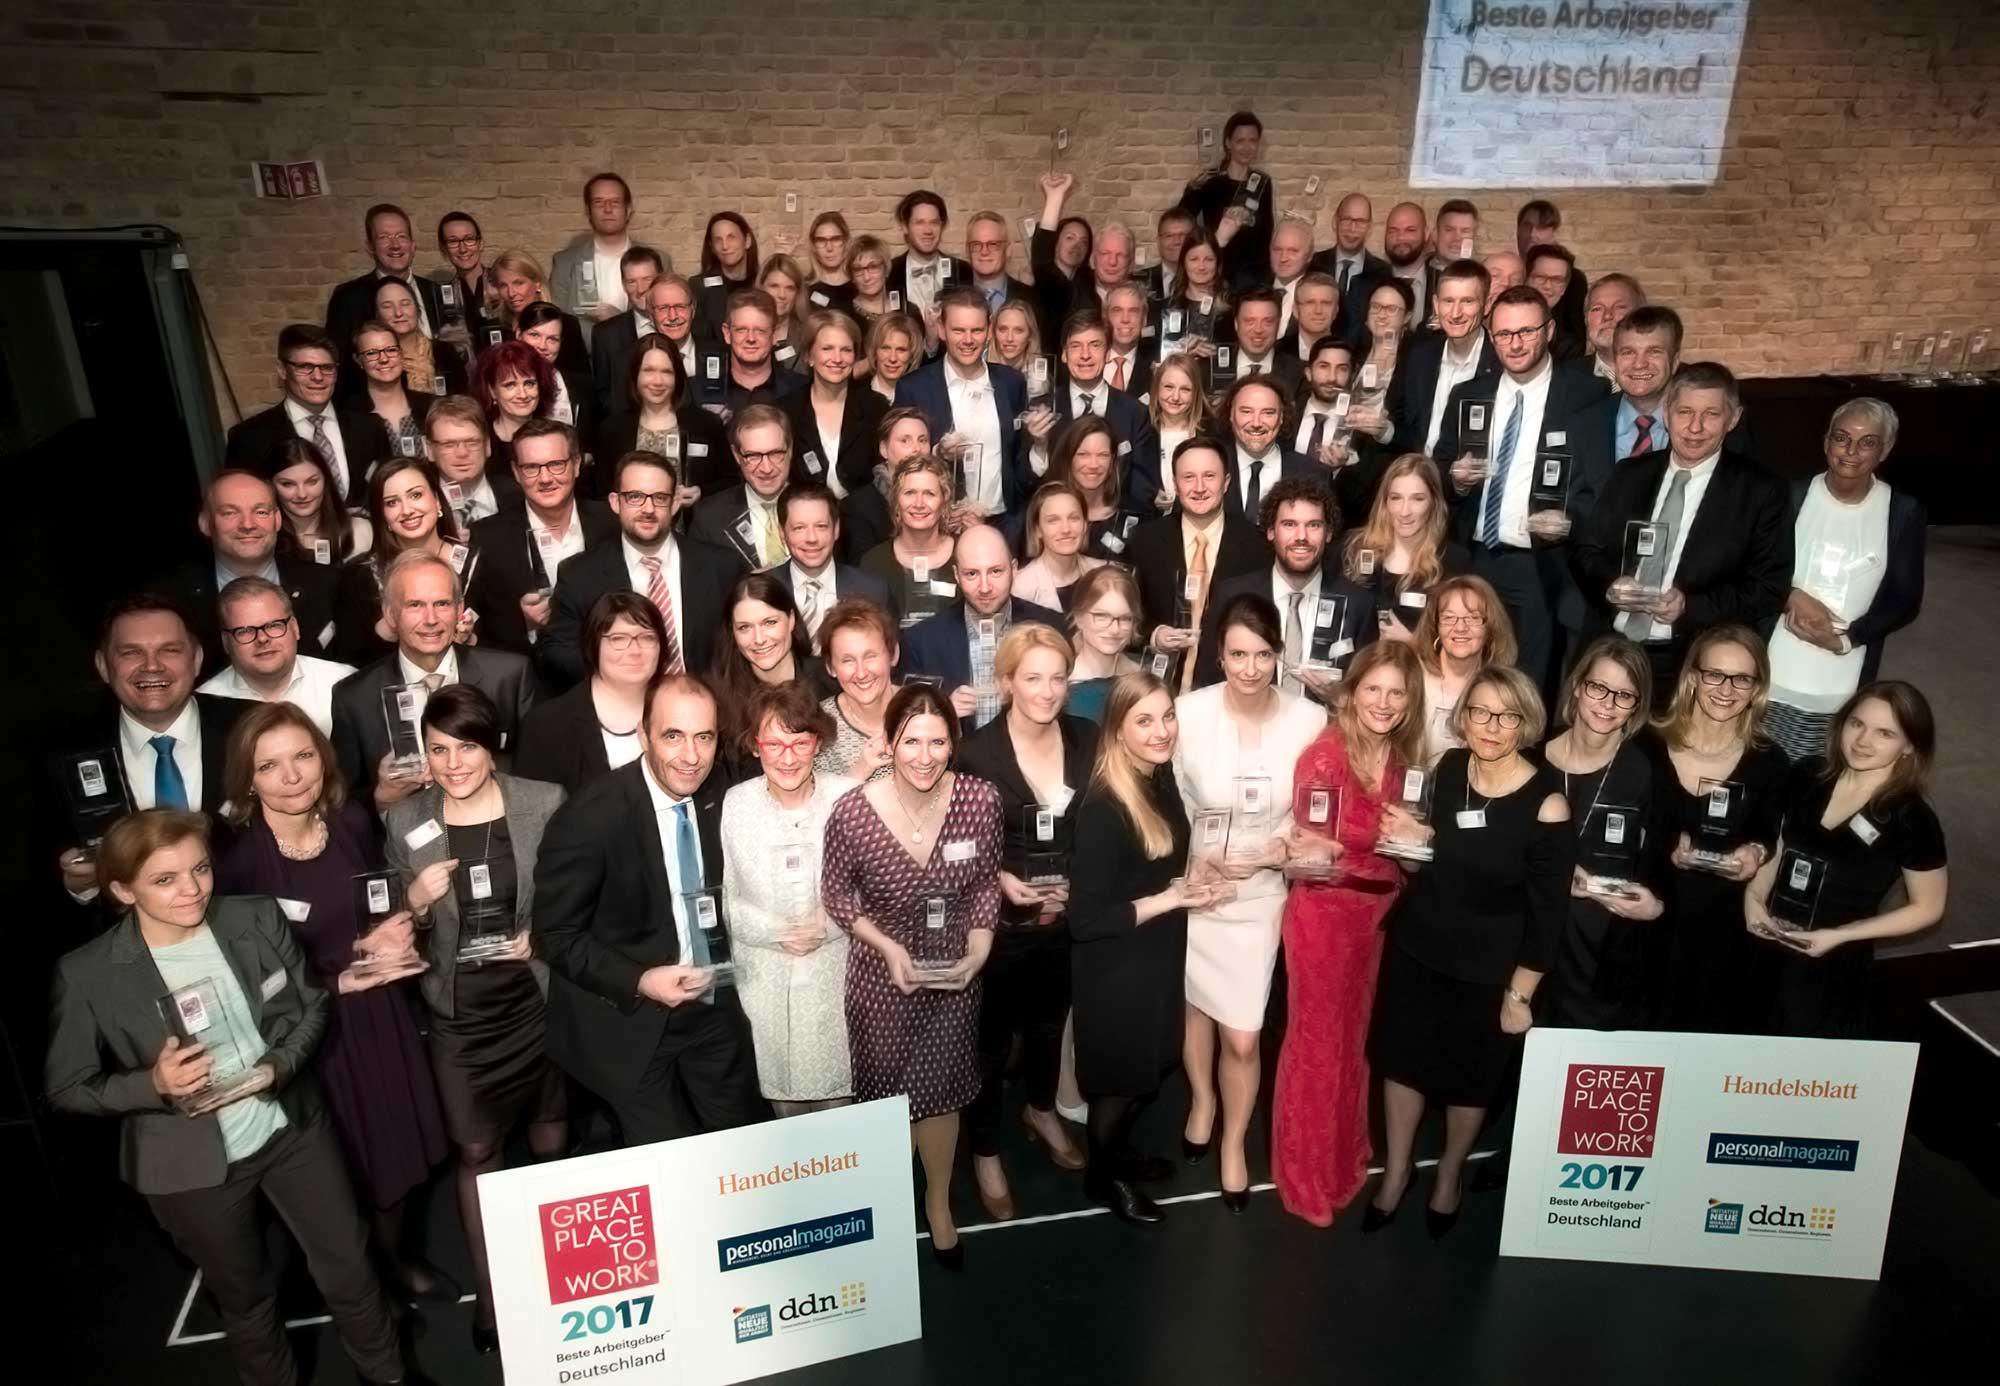 Great Place to Work 2017 – metafinanz ist ausgezeichnet!